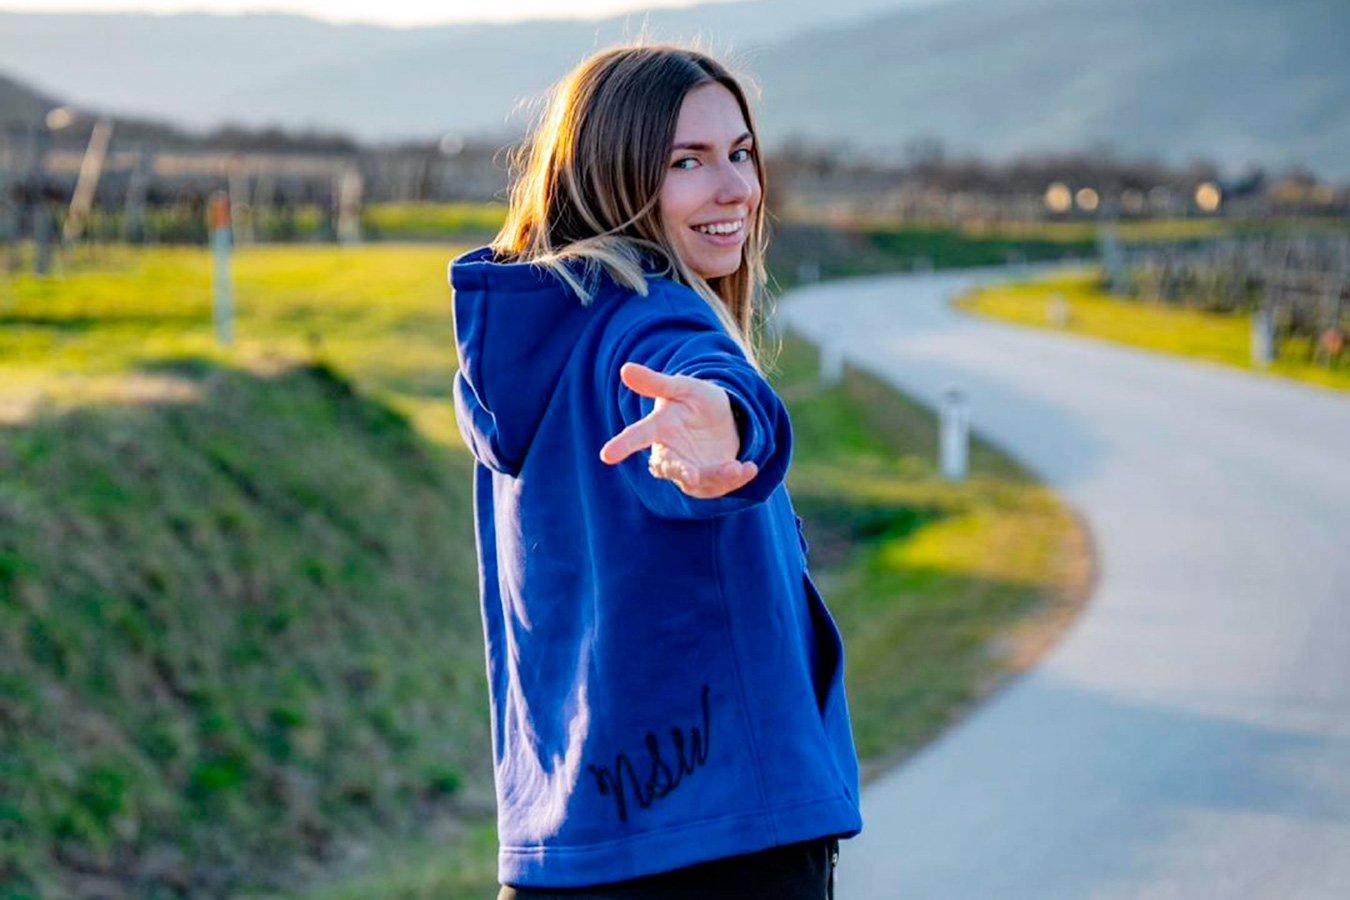 Белорусская легкоатлетка: люди отказывались жить с Тимановской в одной комнате